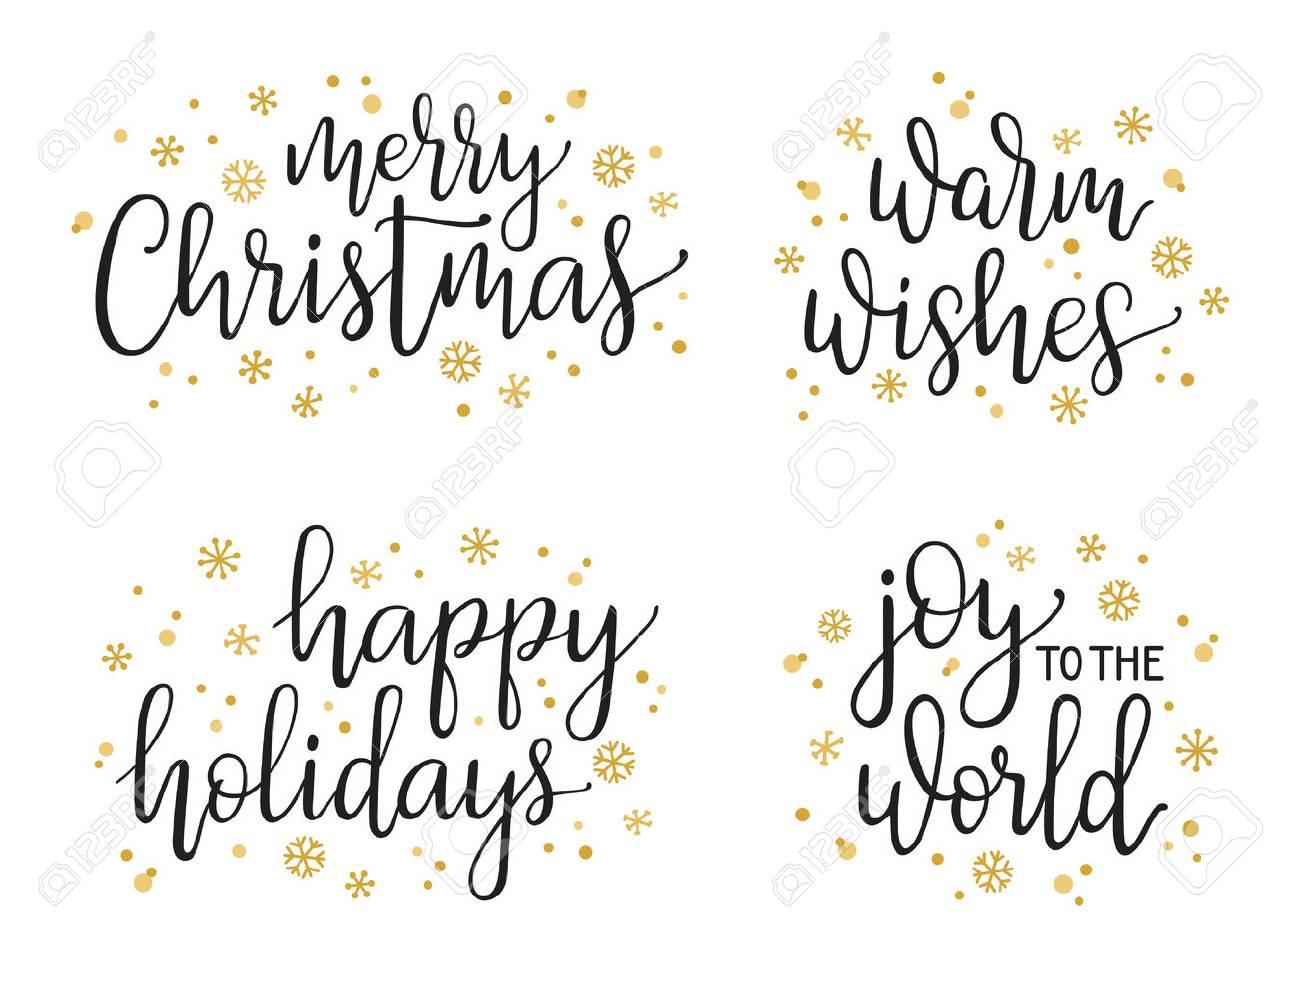 Moderne Weihnachtsgrüße Für Karten.Stock Photo